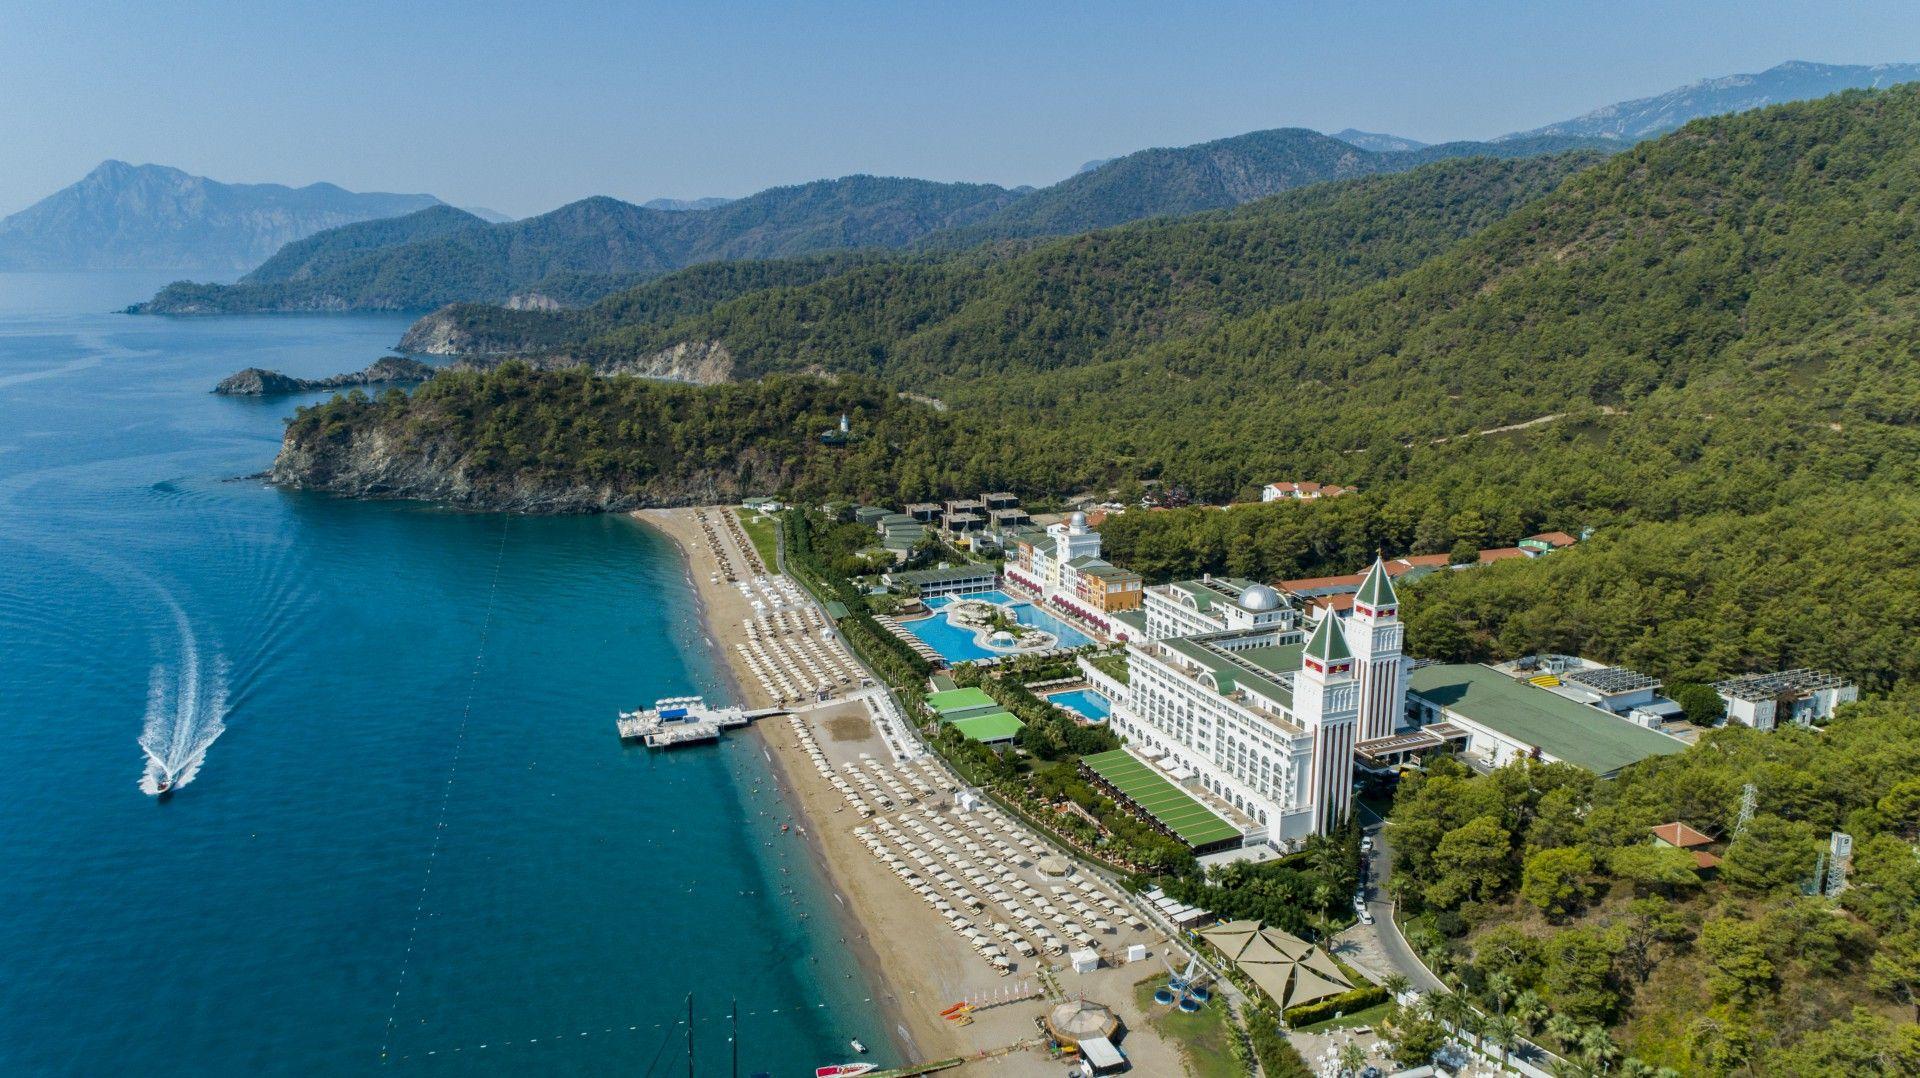 Nirvana Dolce Vita Luxury Wedding Hotel In Tekirova Antalya Hotel Place Hotel Antalya